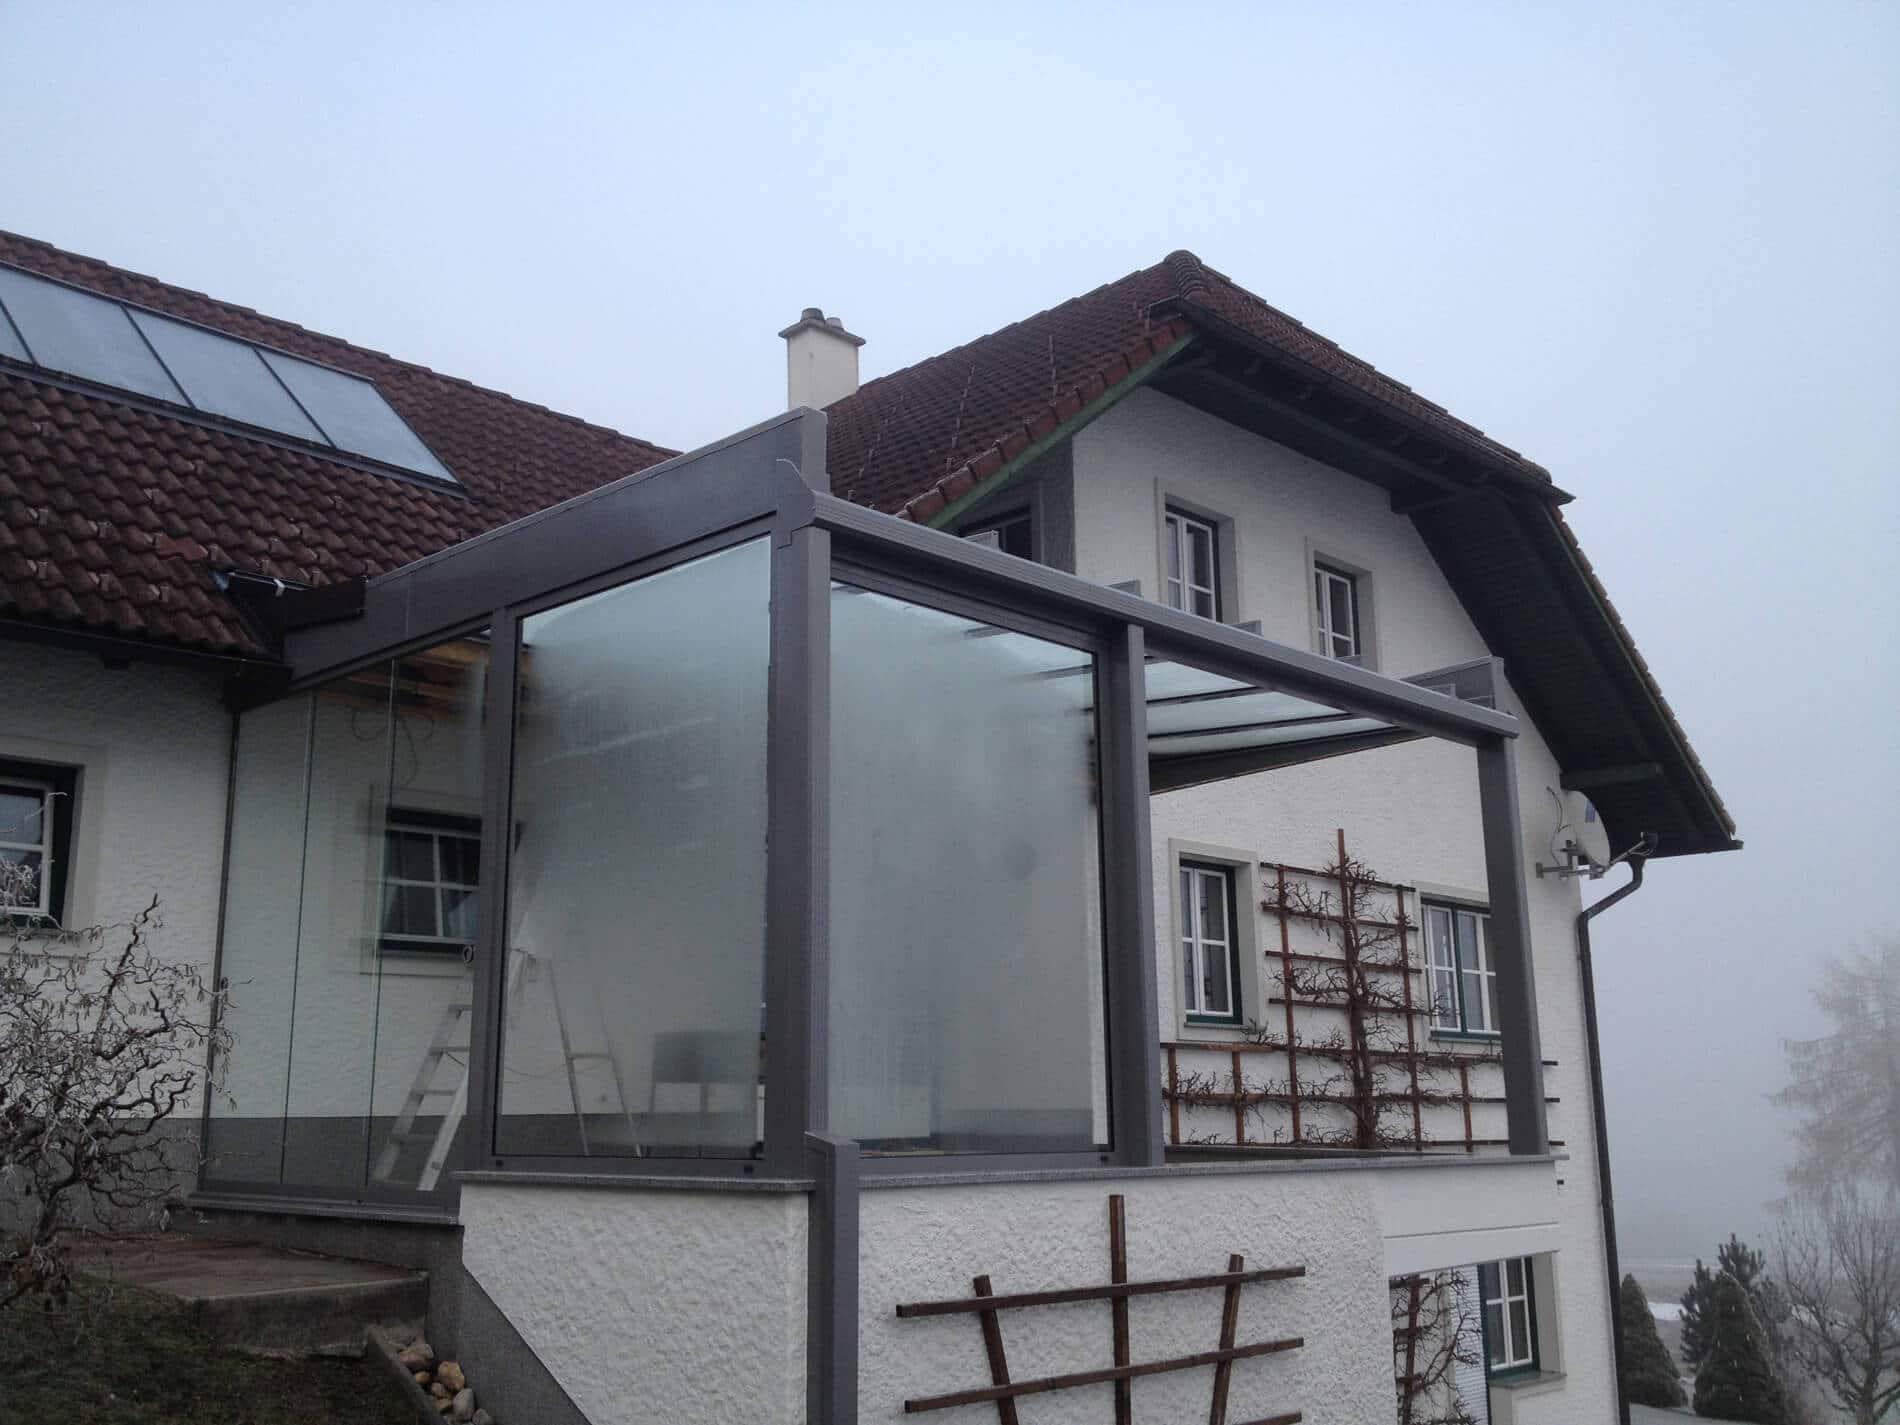 Schmidinger Sommergarten Anbau mit Flachdach und moderner Optik